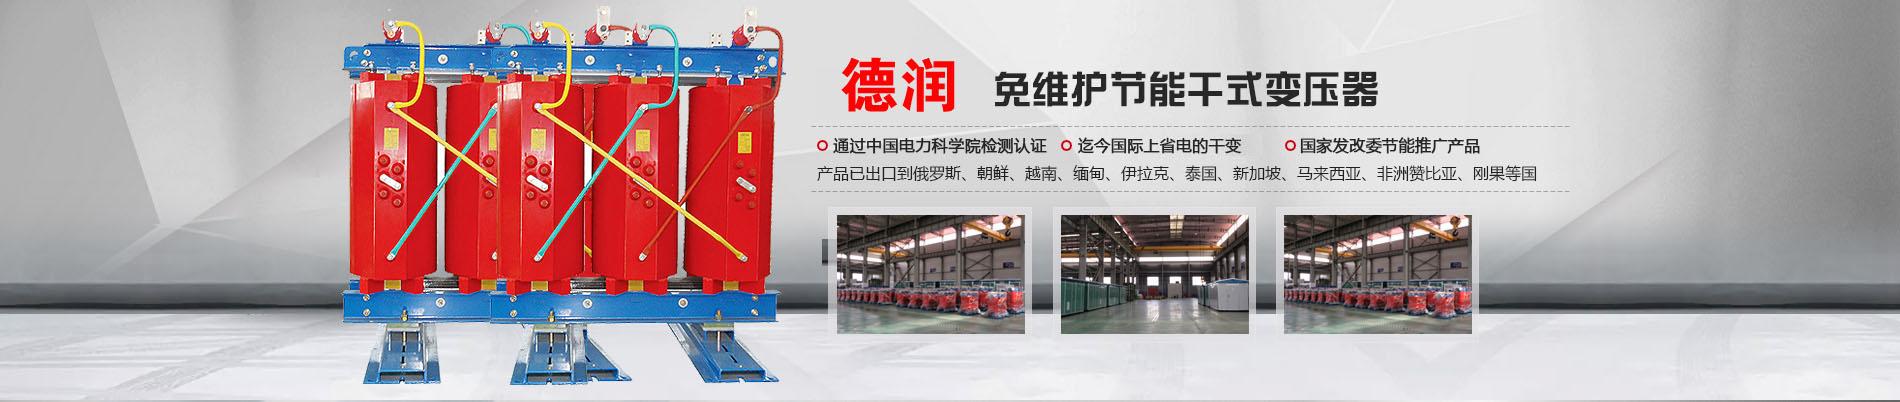 葫芦岛干式变压器厂家